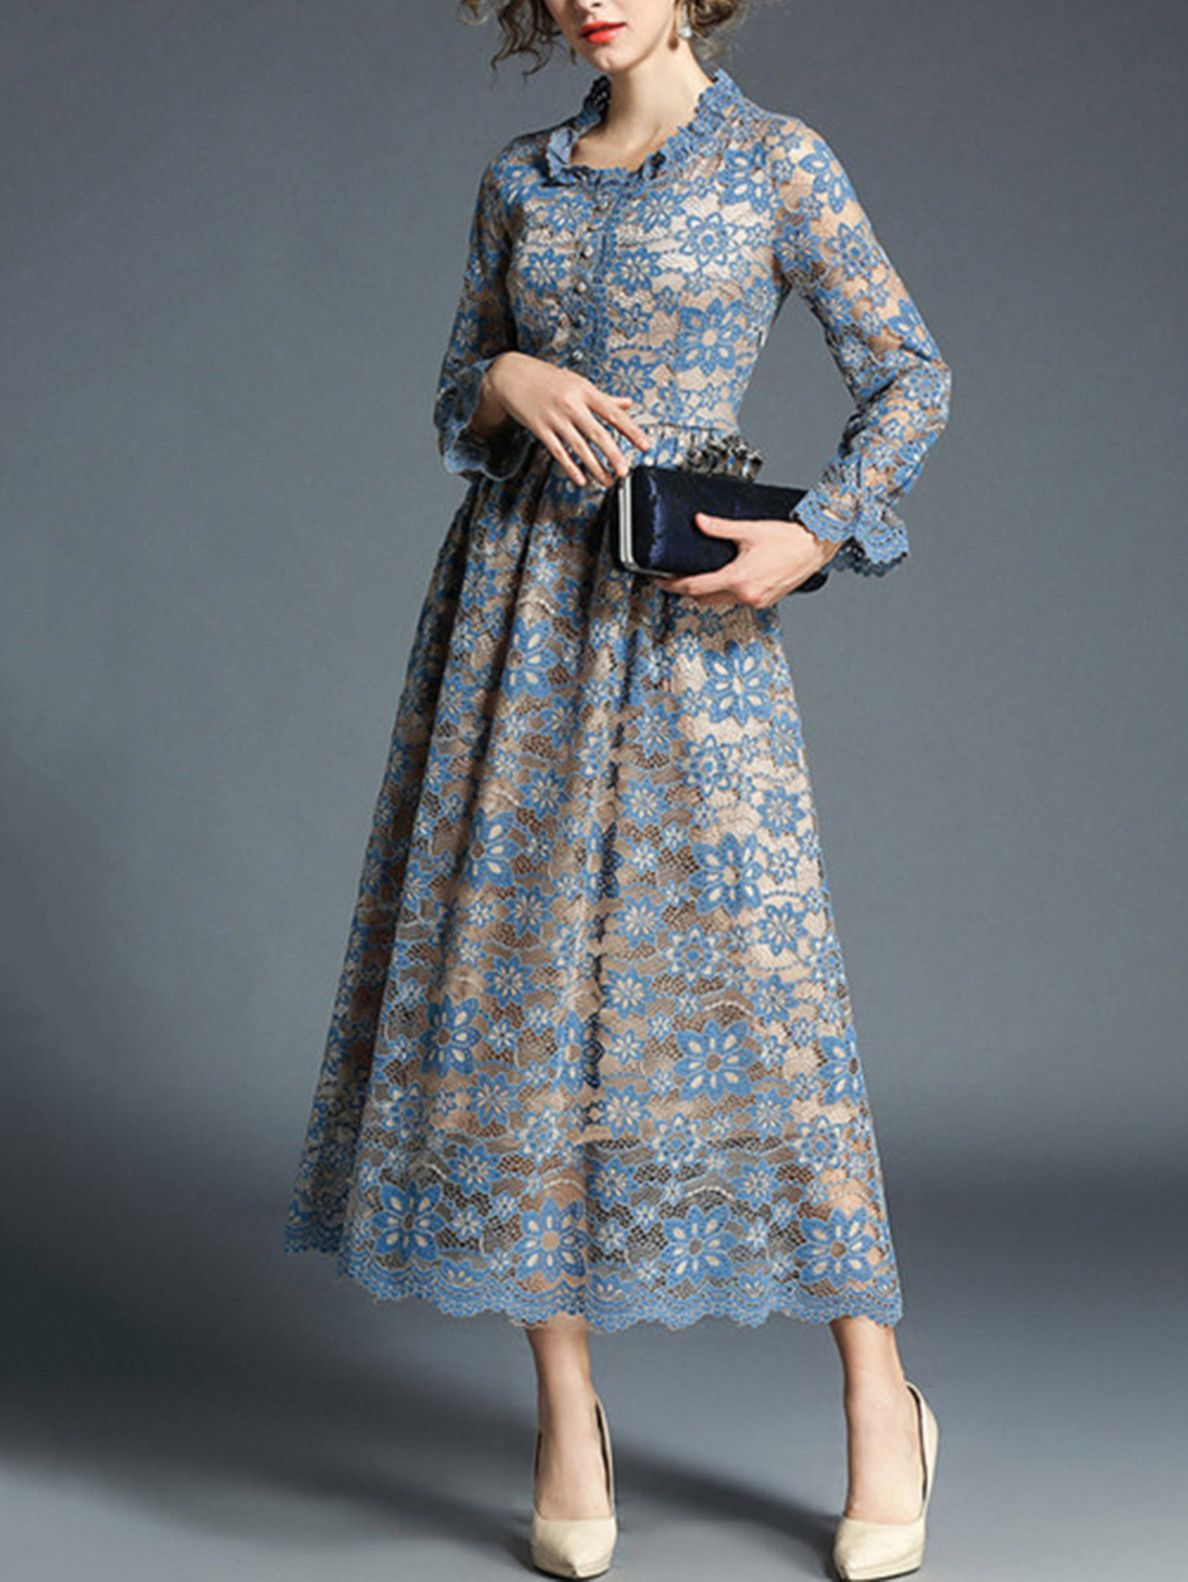 c2d8d9e7ee Scallop Trim Button Front Lace Dress -SheIn(Sheinside)